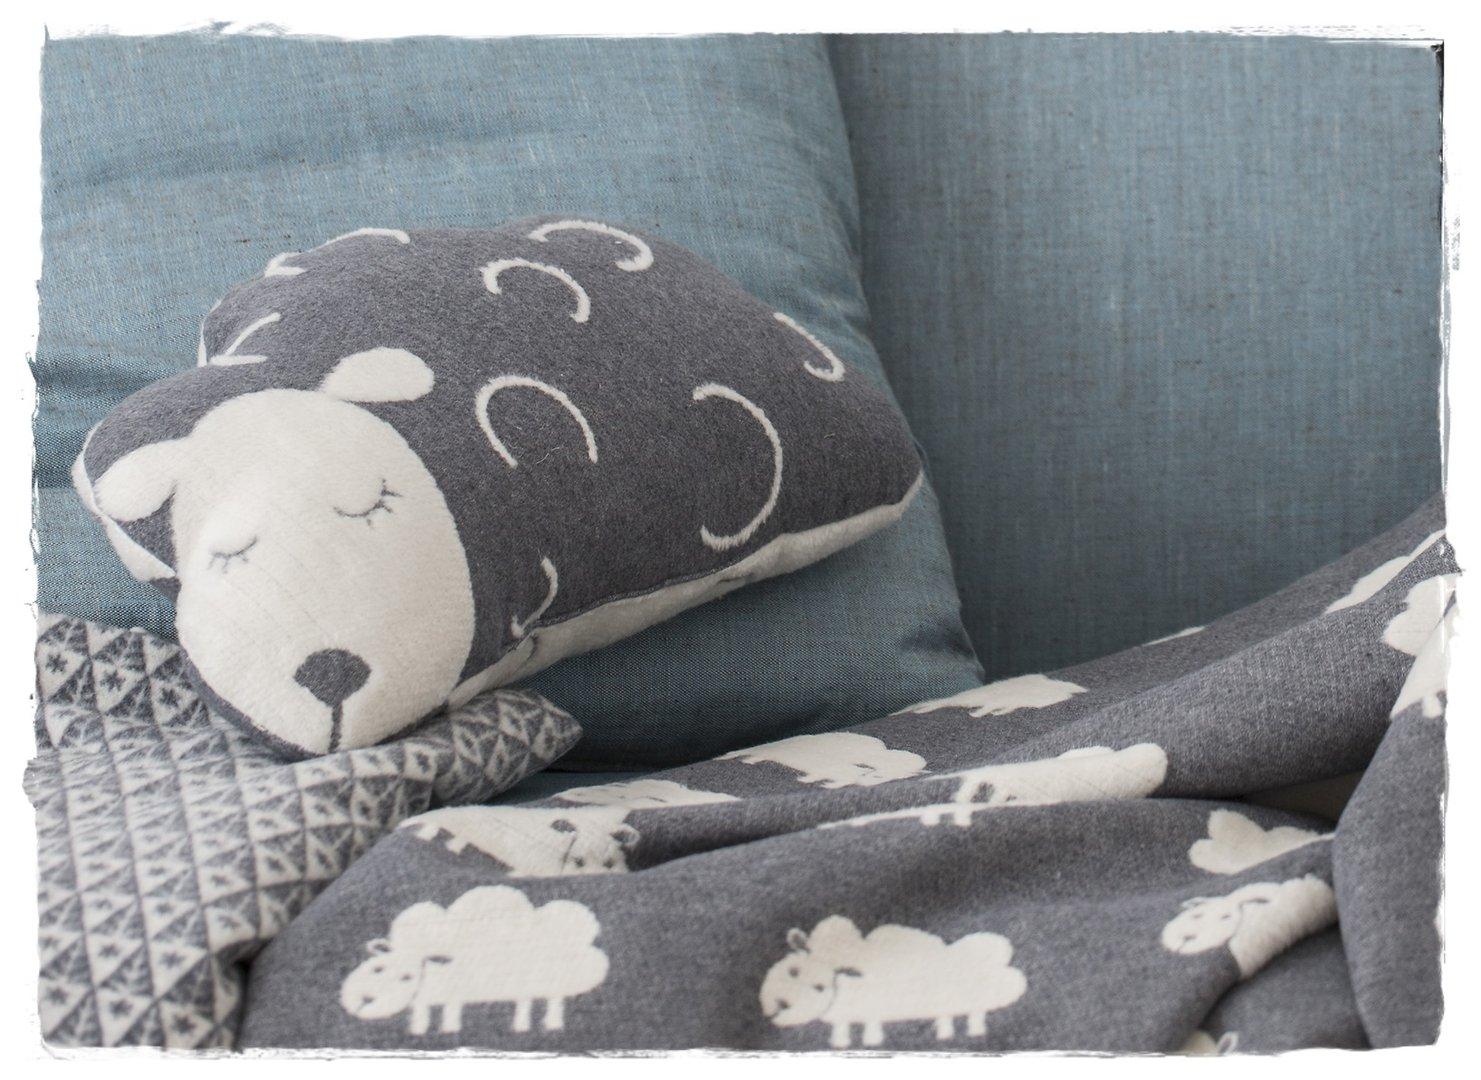 David Fussenegger Dekokissen Kinderkissen Kissen Schaf mit Füllung 30 x 50 cm